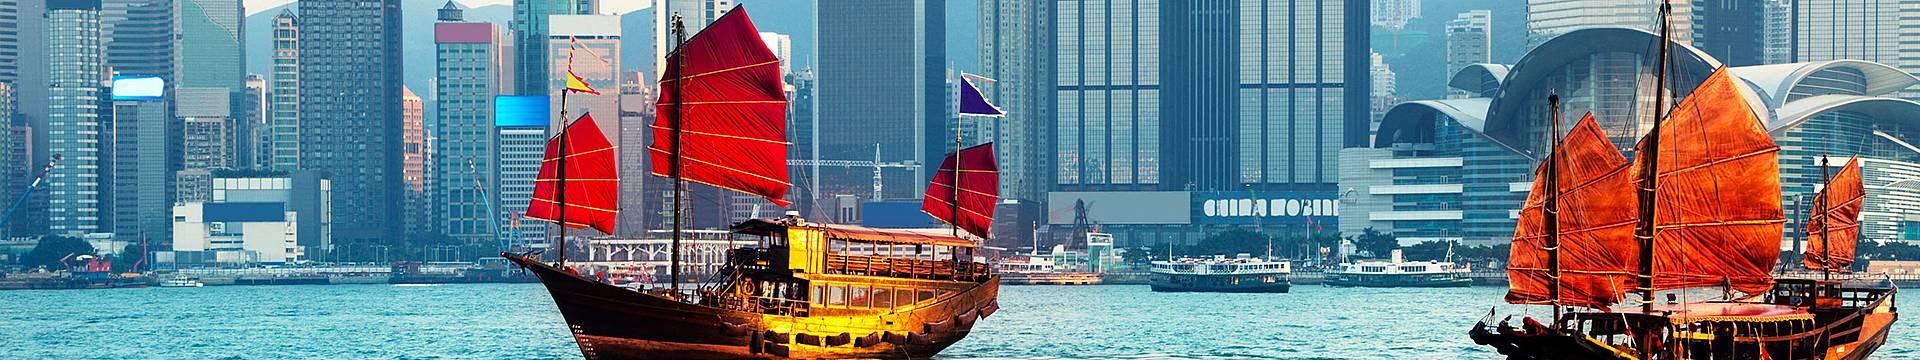 Hong Kong vacations